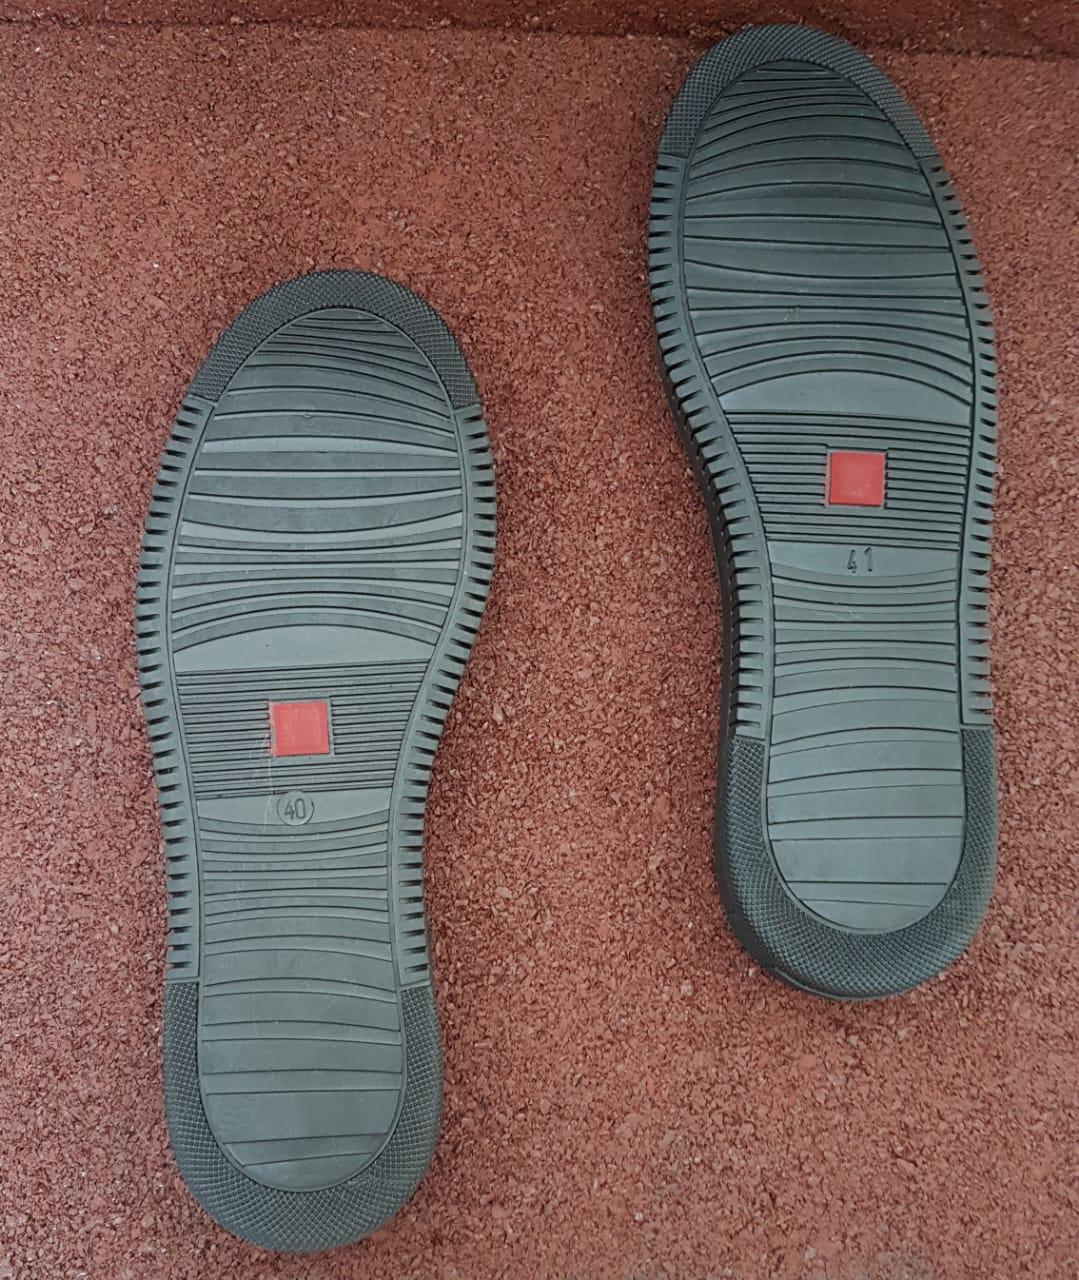 Rubber Footwear sole